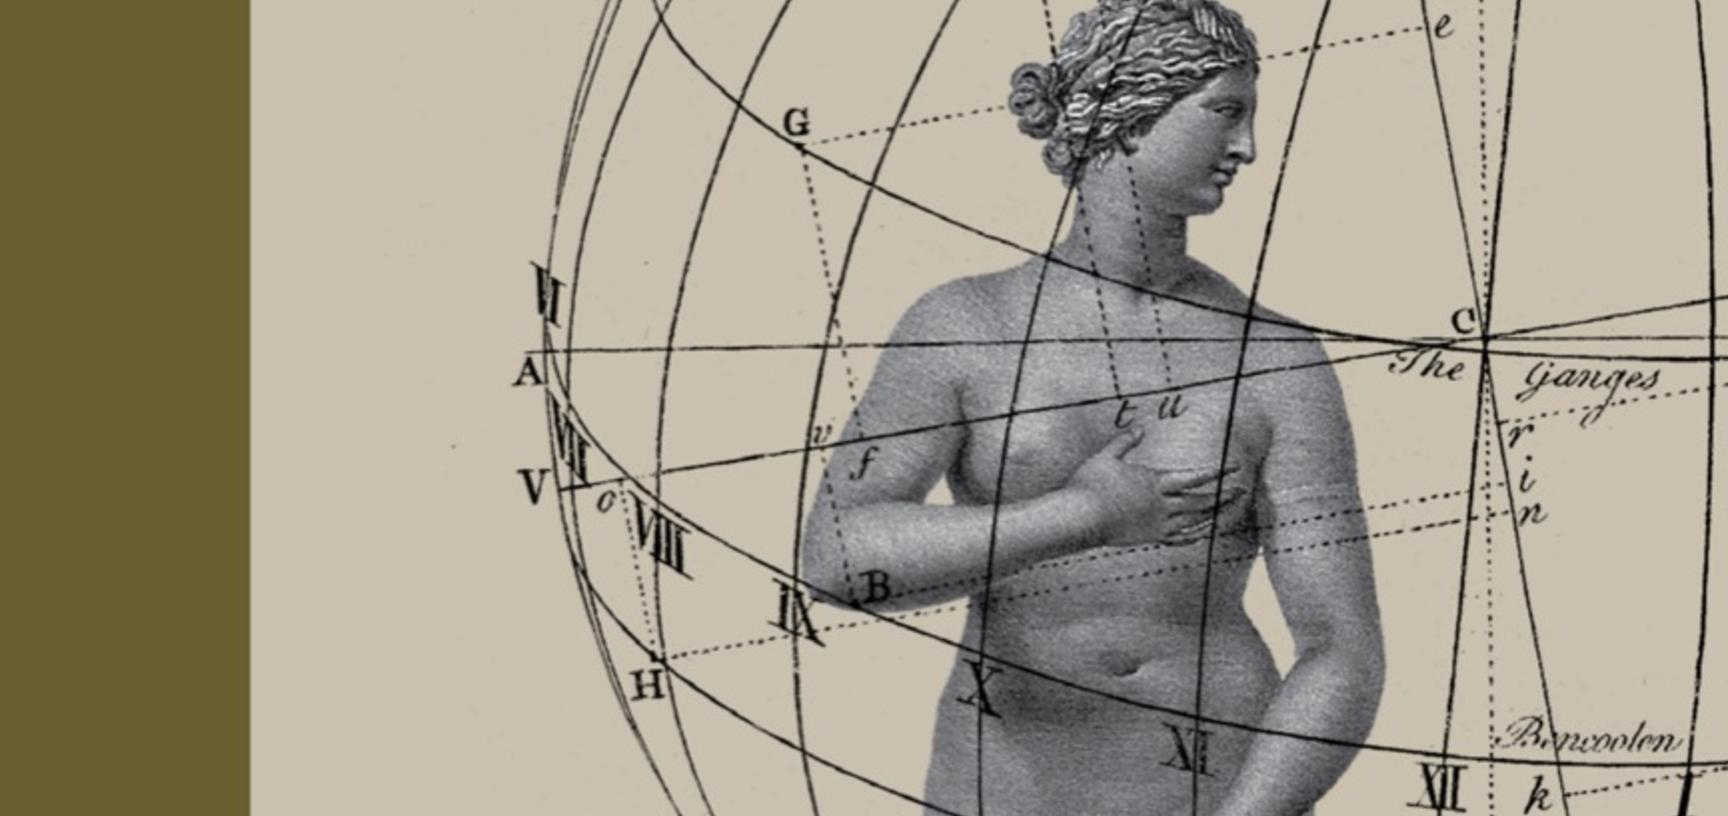 Matt Smith, Losing Venus (Stockholm: Konstfack University of Arts, Crafts and Design, 2020). ISBN 978-1-9163865-0-1